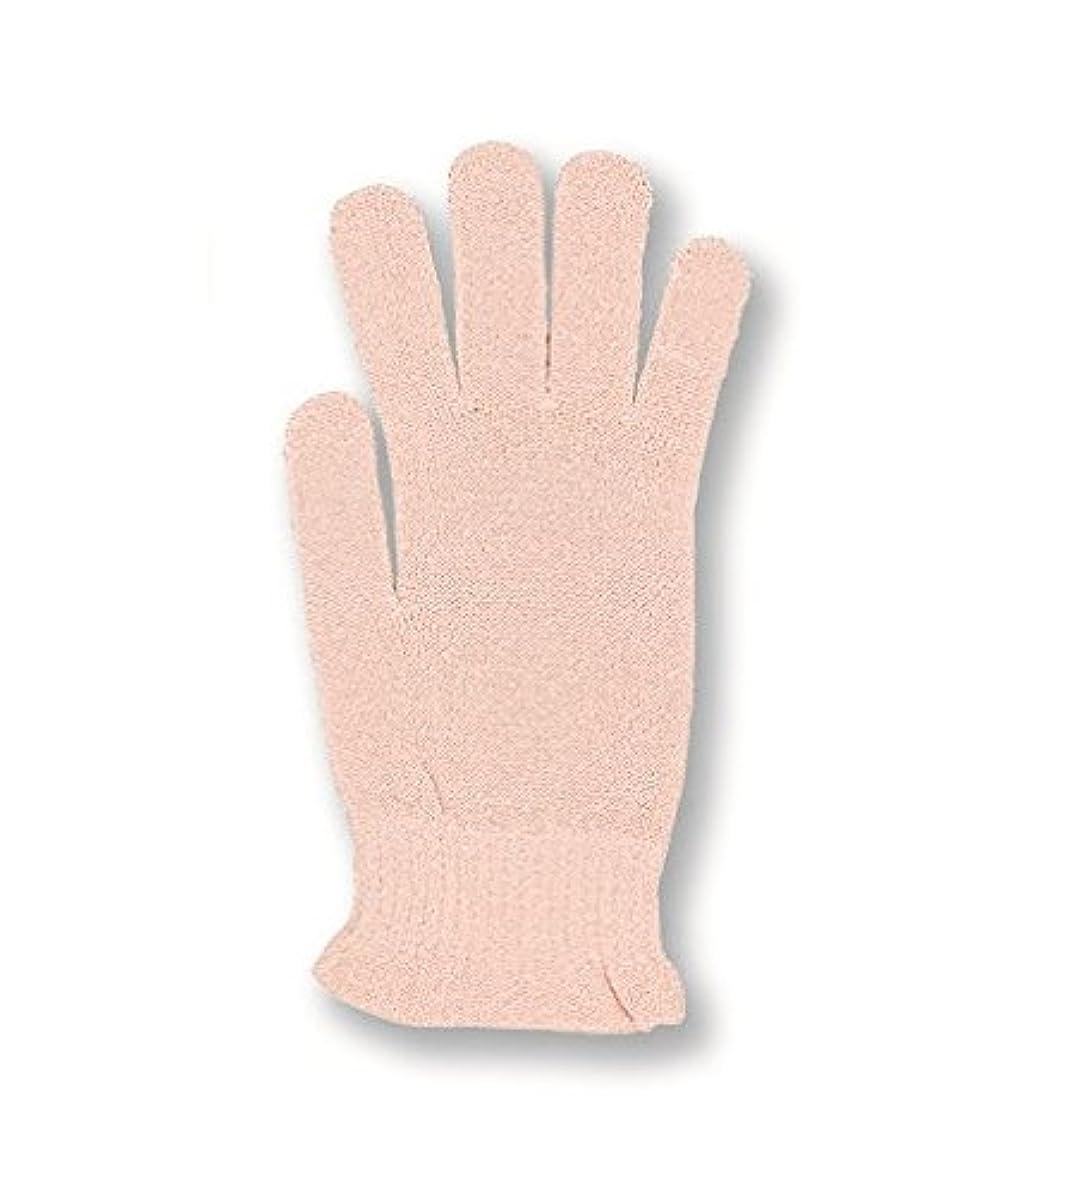 ベルそう明示的にコクーンフィット シルク おやすみ手袋 ピーチ